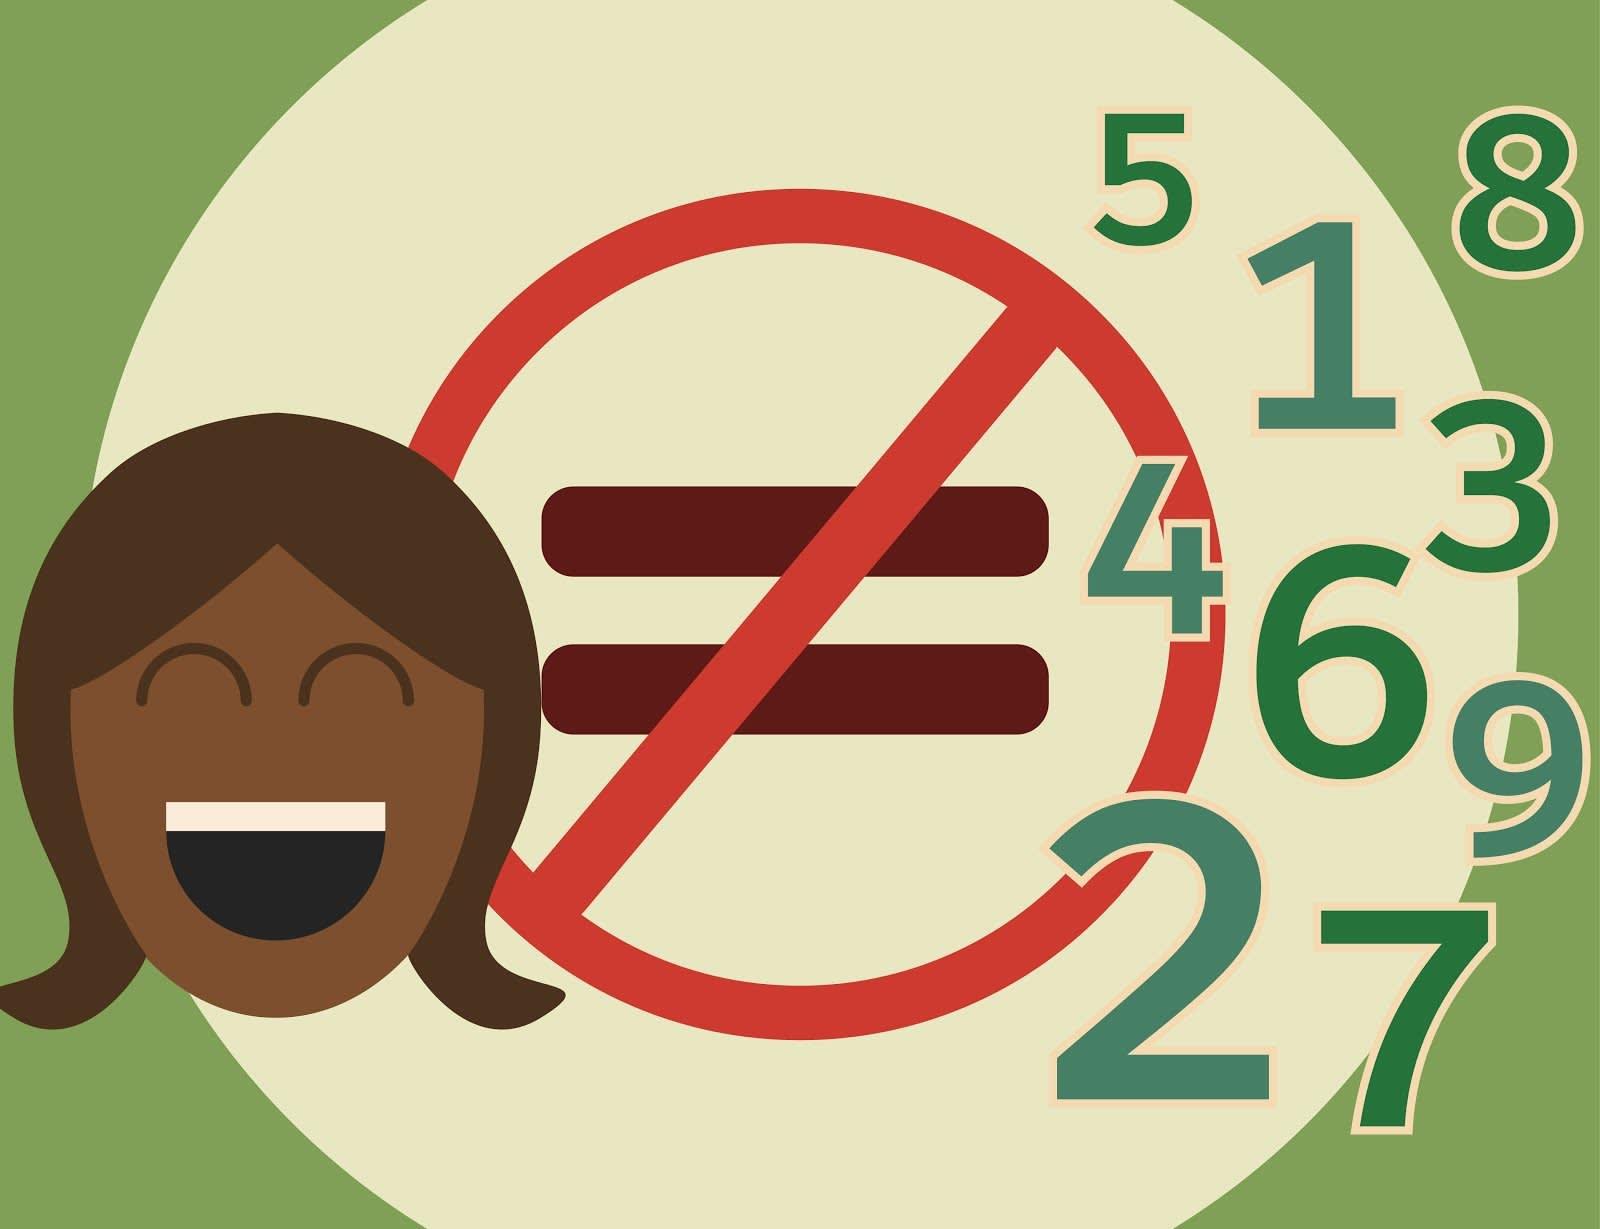 関係を最優先する場合は、顧客をスプレッドシート上の数字ではなく、人ととして扱います。